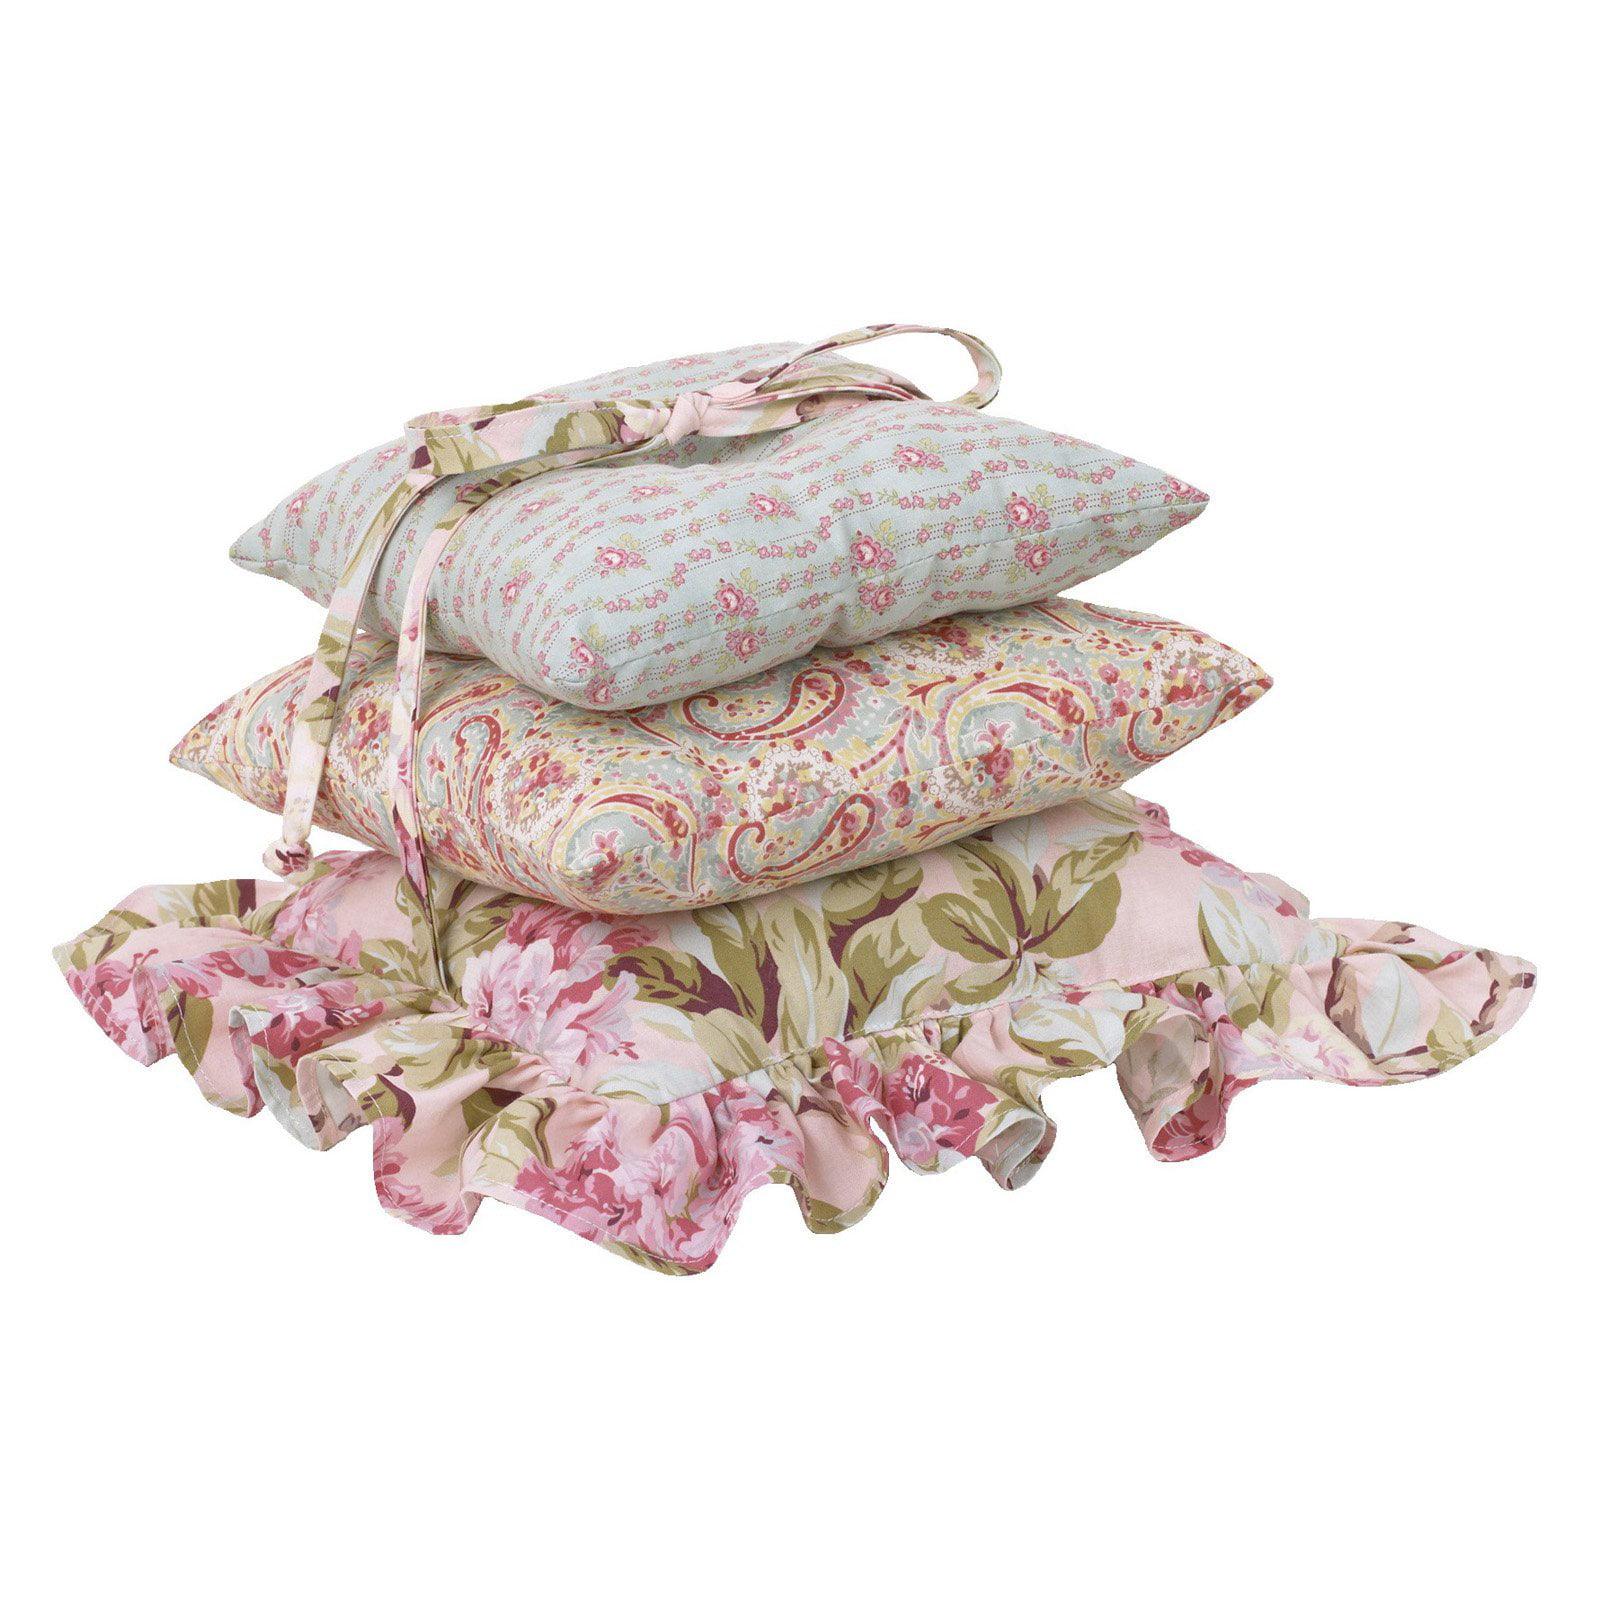 Cotton Tale Designs Tea Party 3 Piece Decorative Pillow